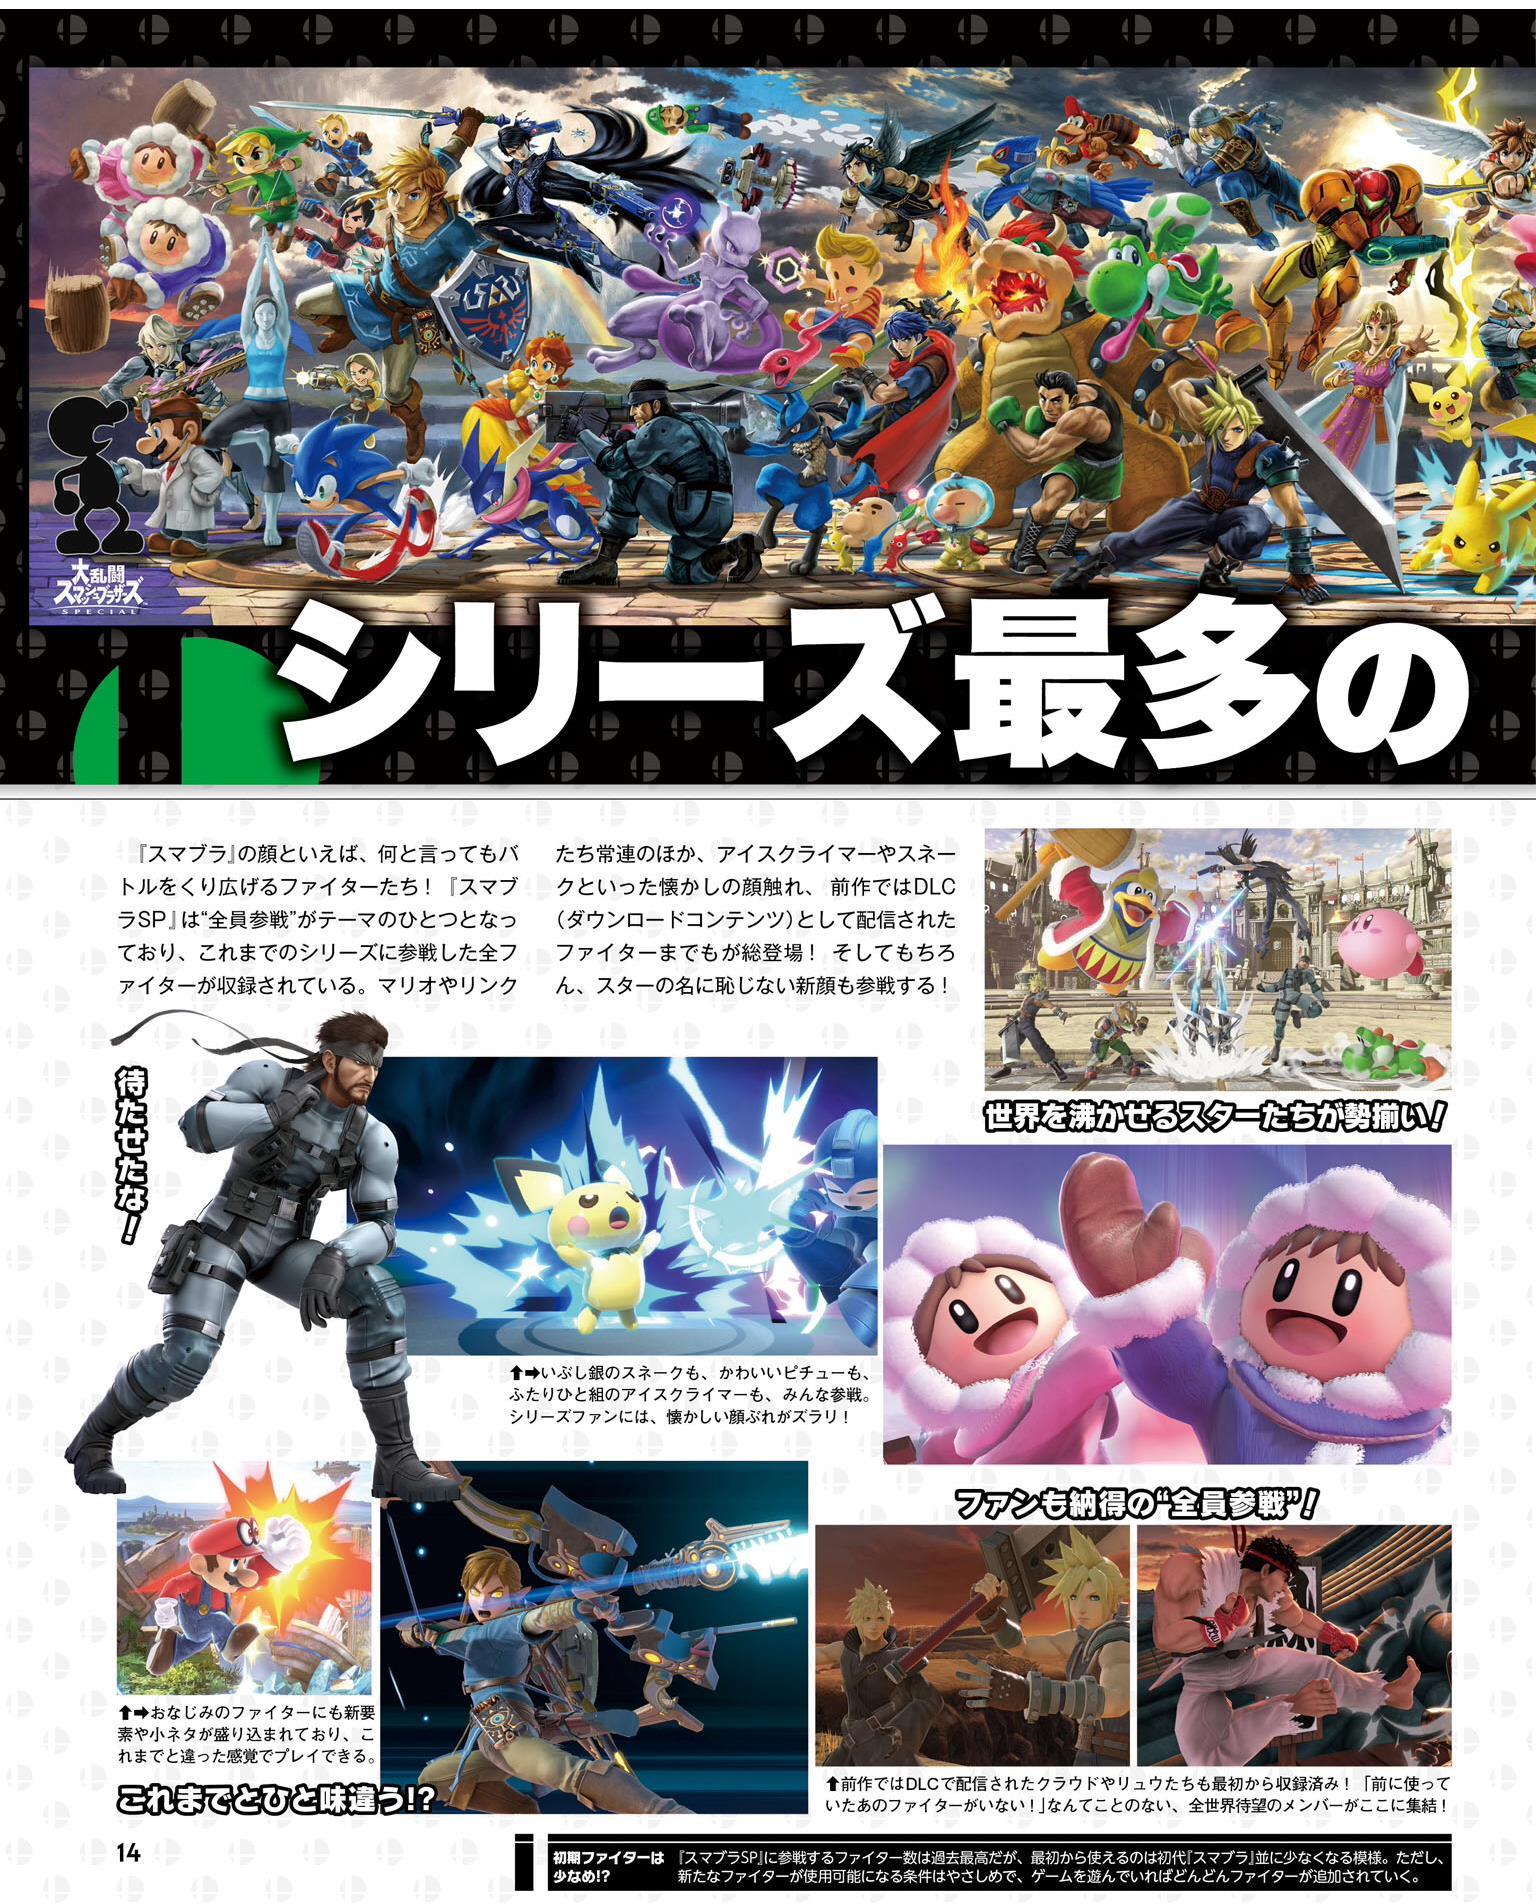 Smash Bros. Ultimate, Mega Man 11, More